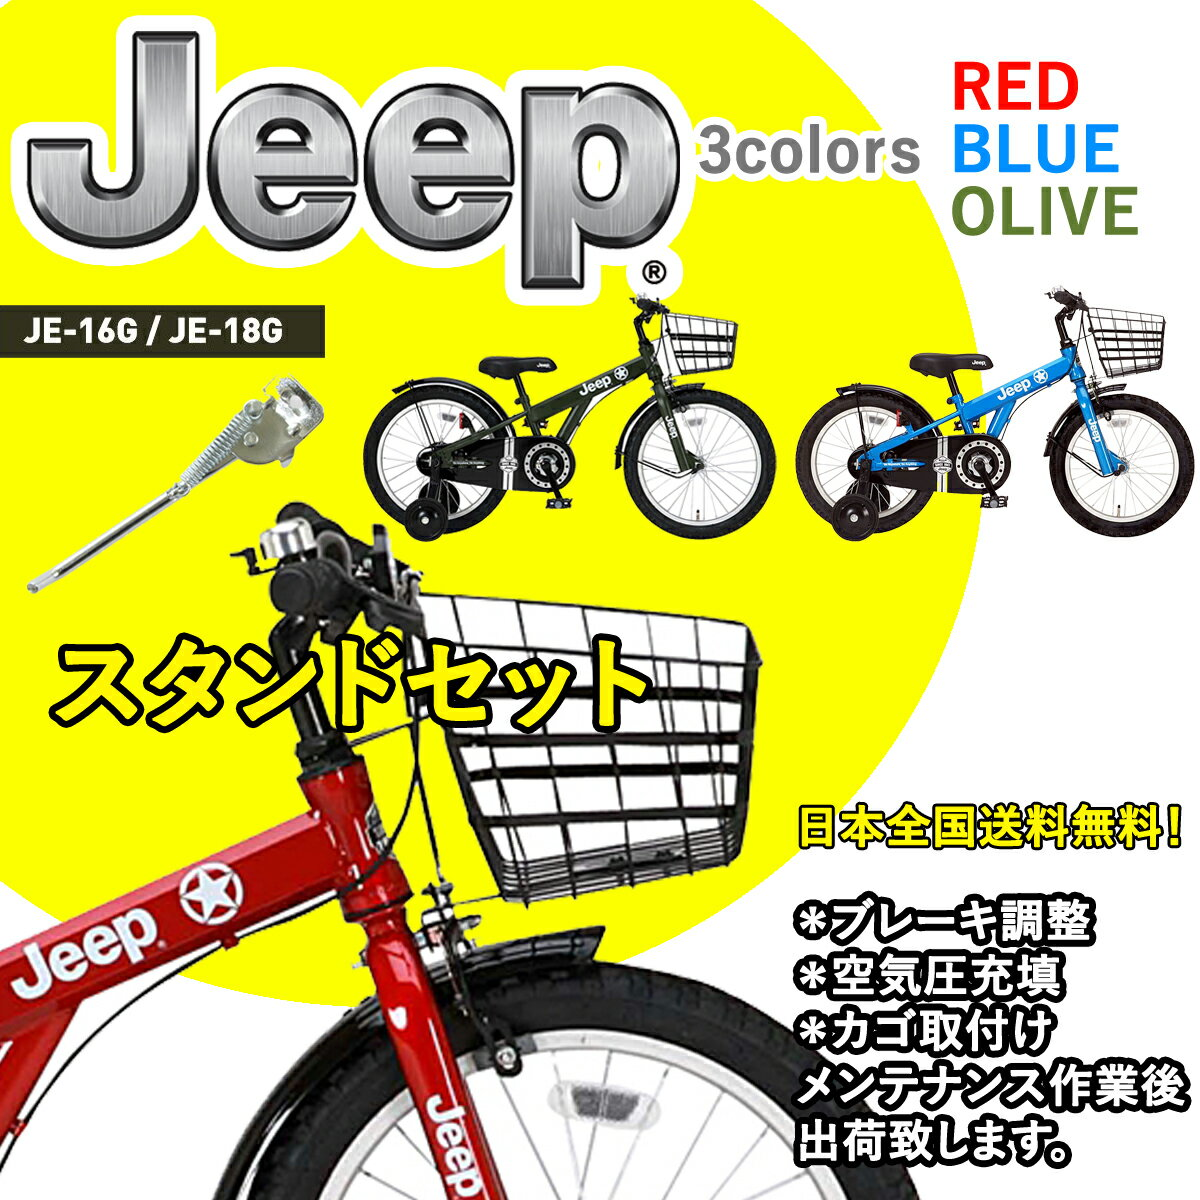 16インチ 18インチ JEEP 自転車 ジープ マウンテンバイク 子供用自転車 2017年 スタンドセット